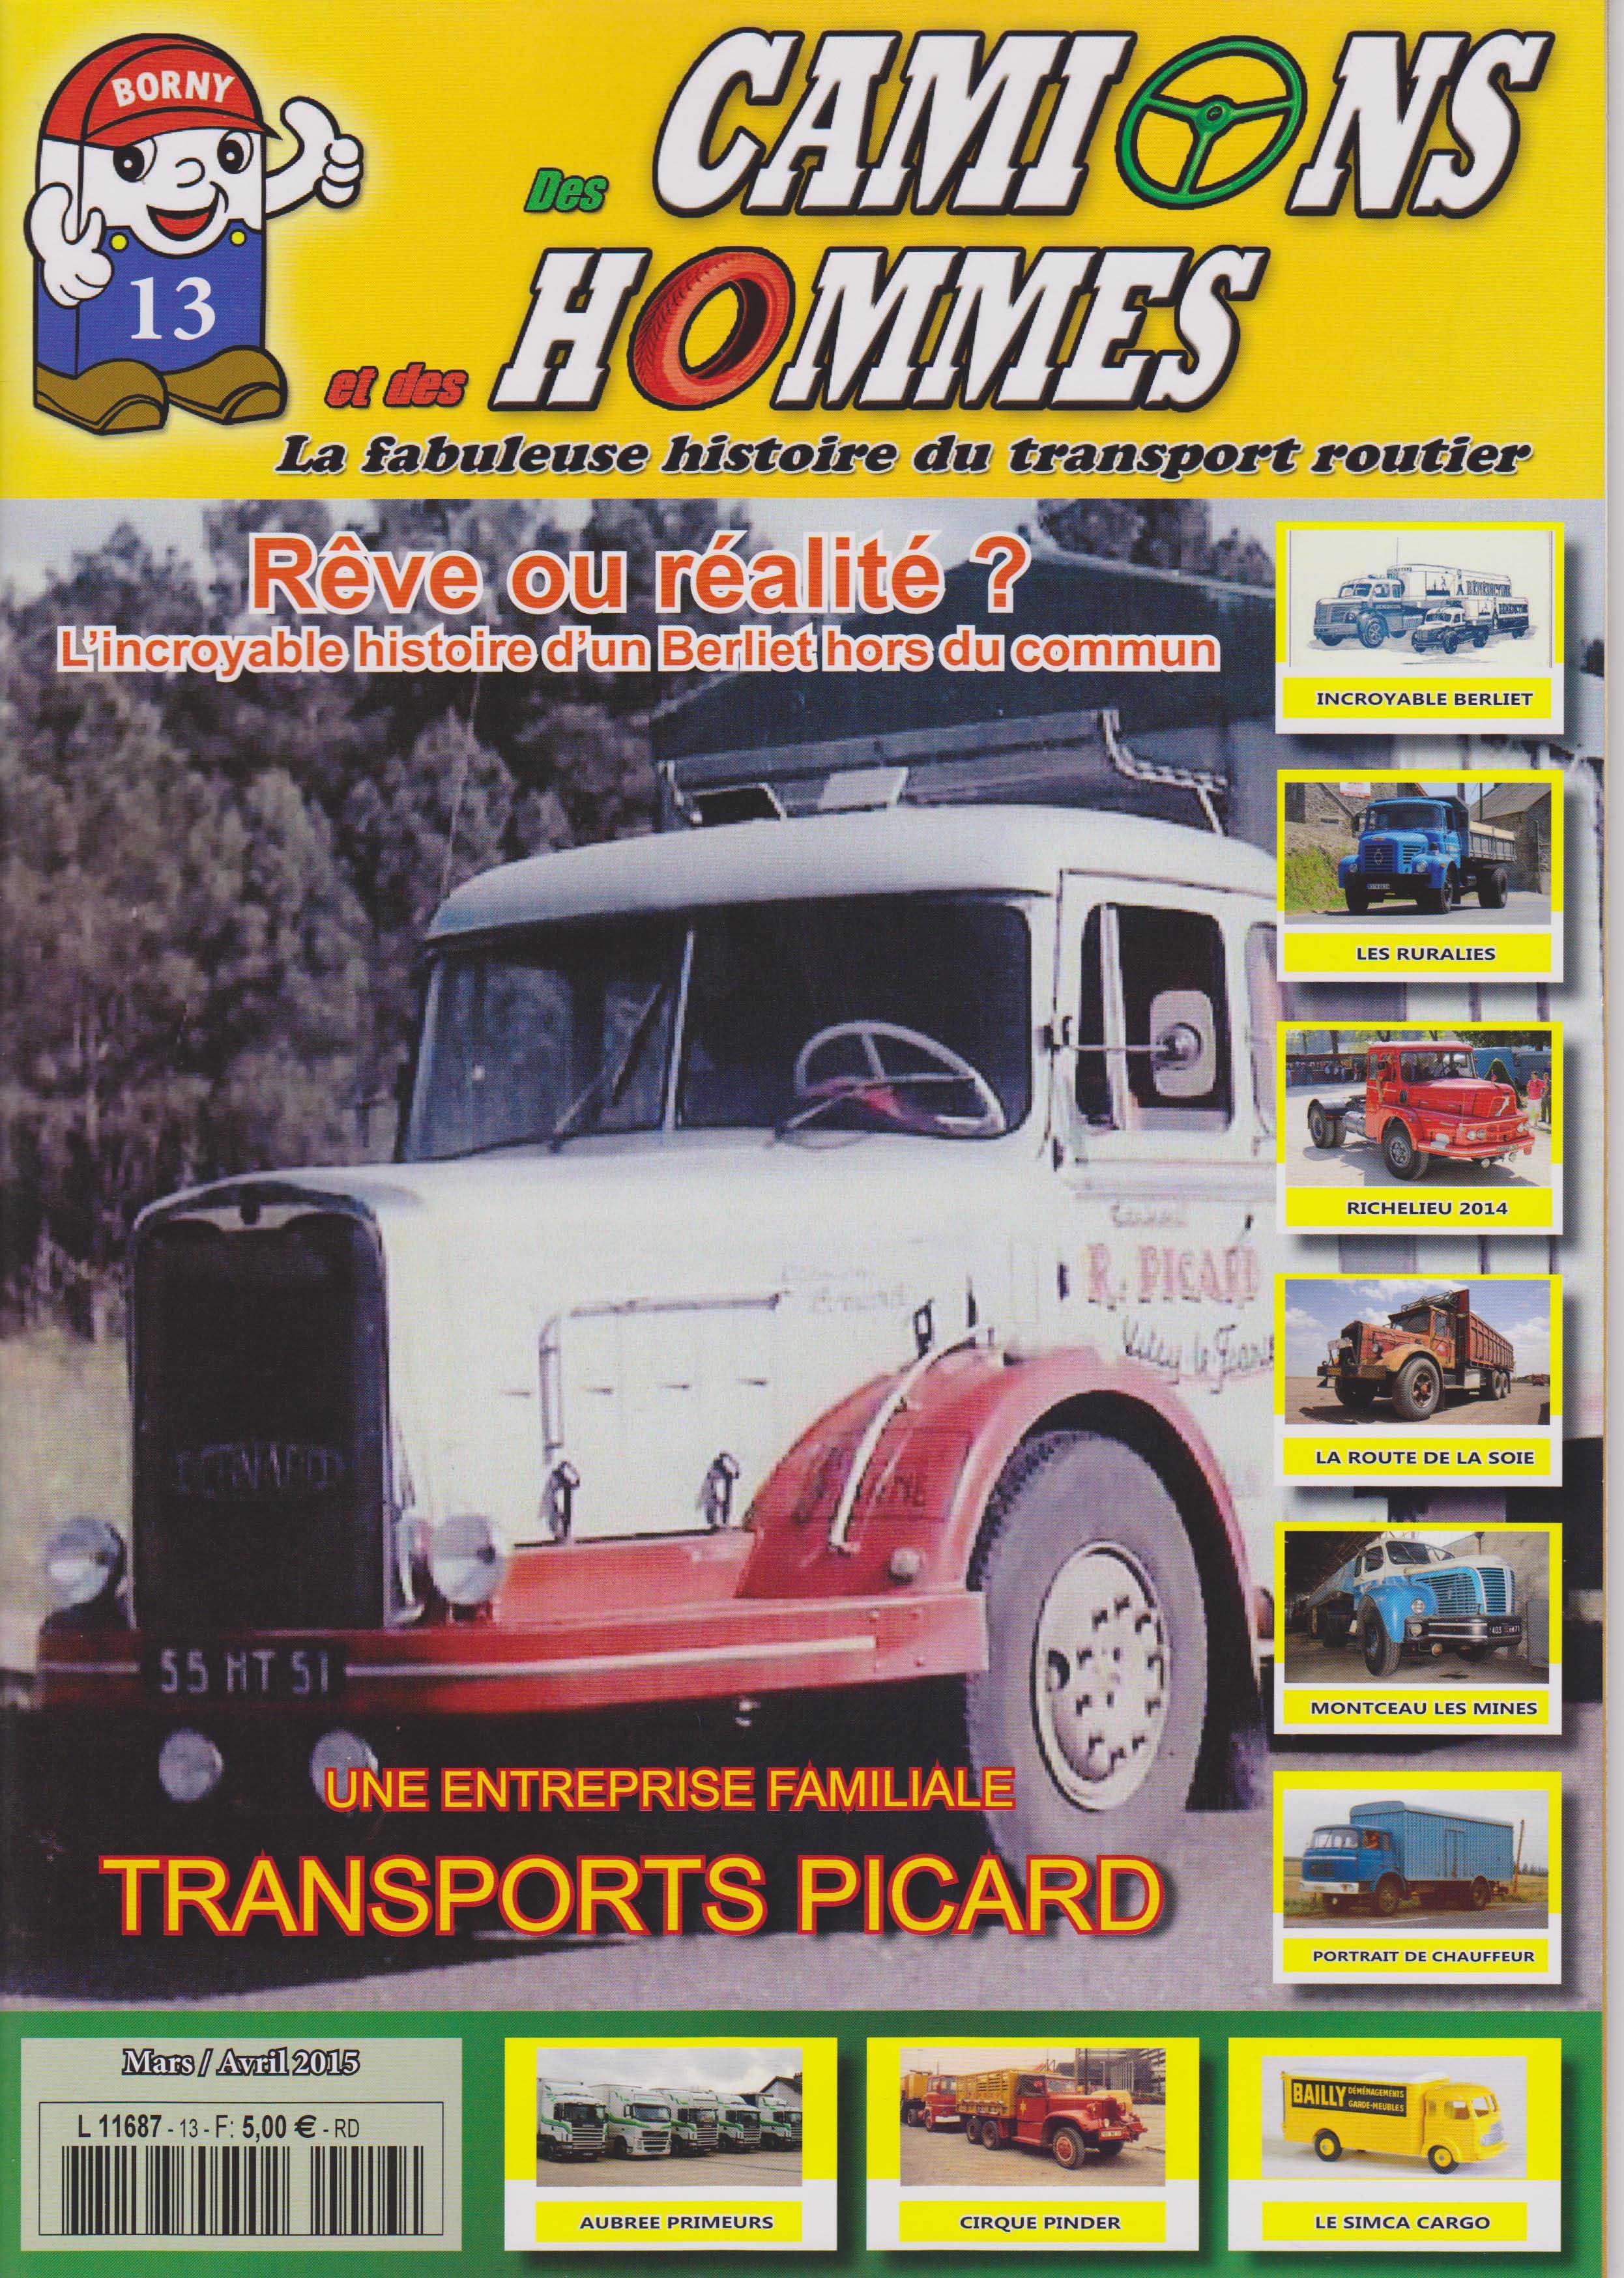 Magazine N°13 Des Camions et des Hommes (Etranger)